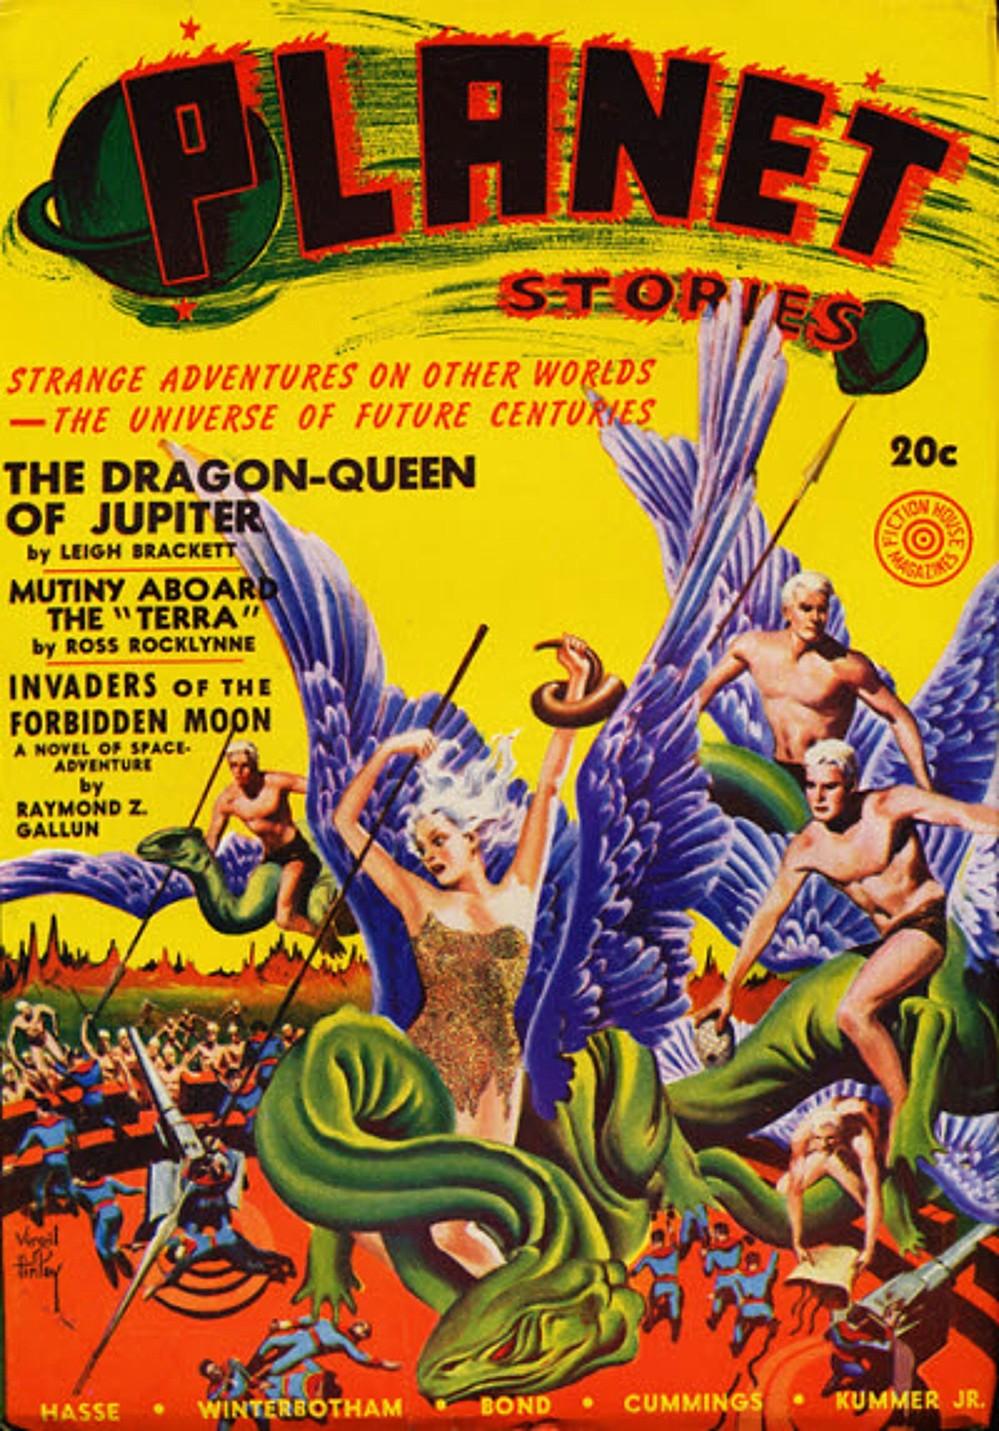 Sunday Morning Bonus Pulp: Planet Stories, Summer 1941